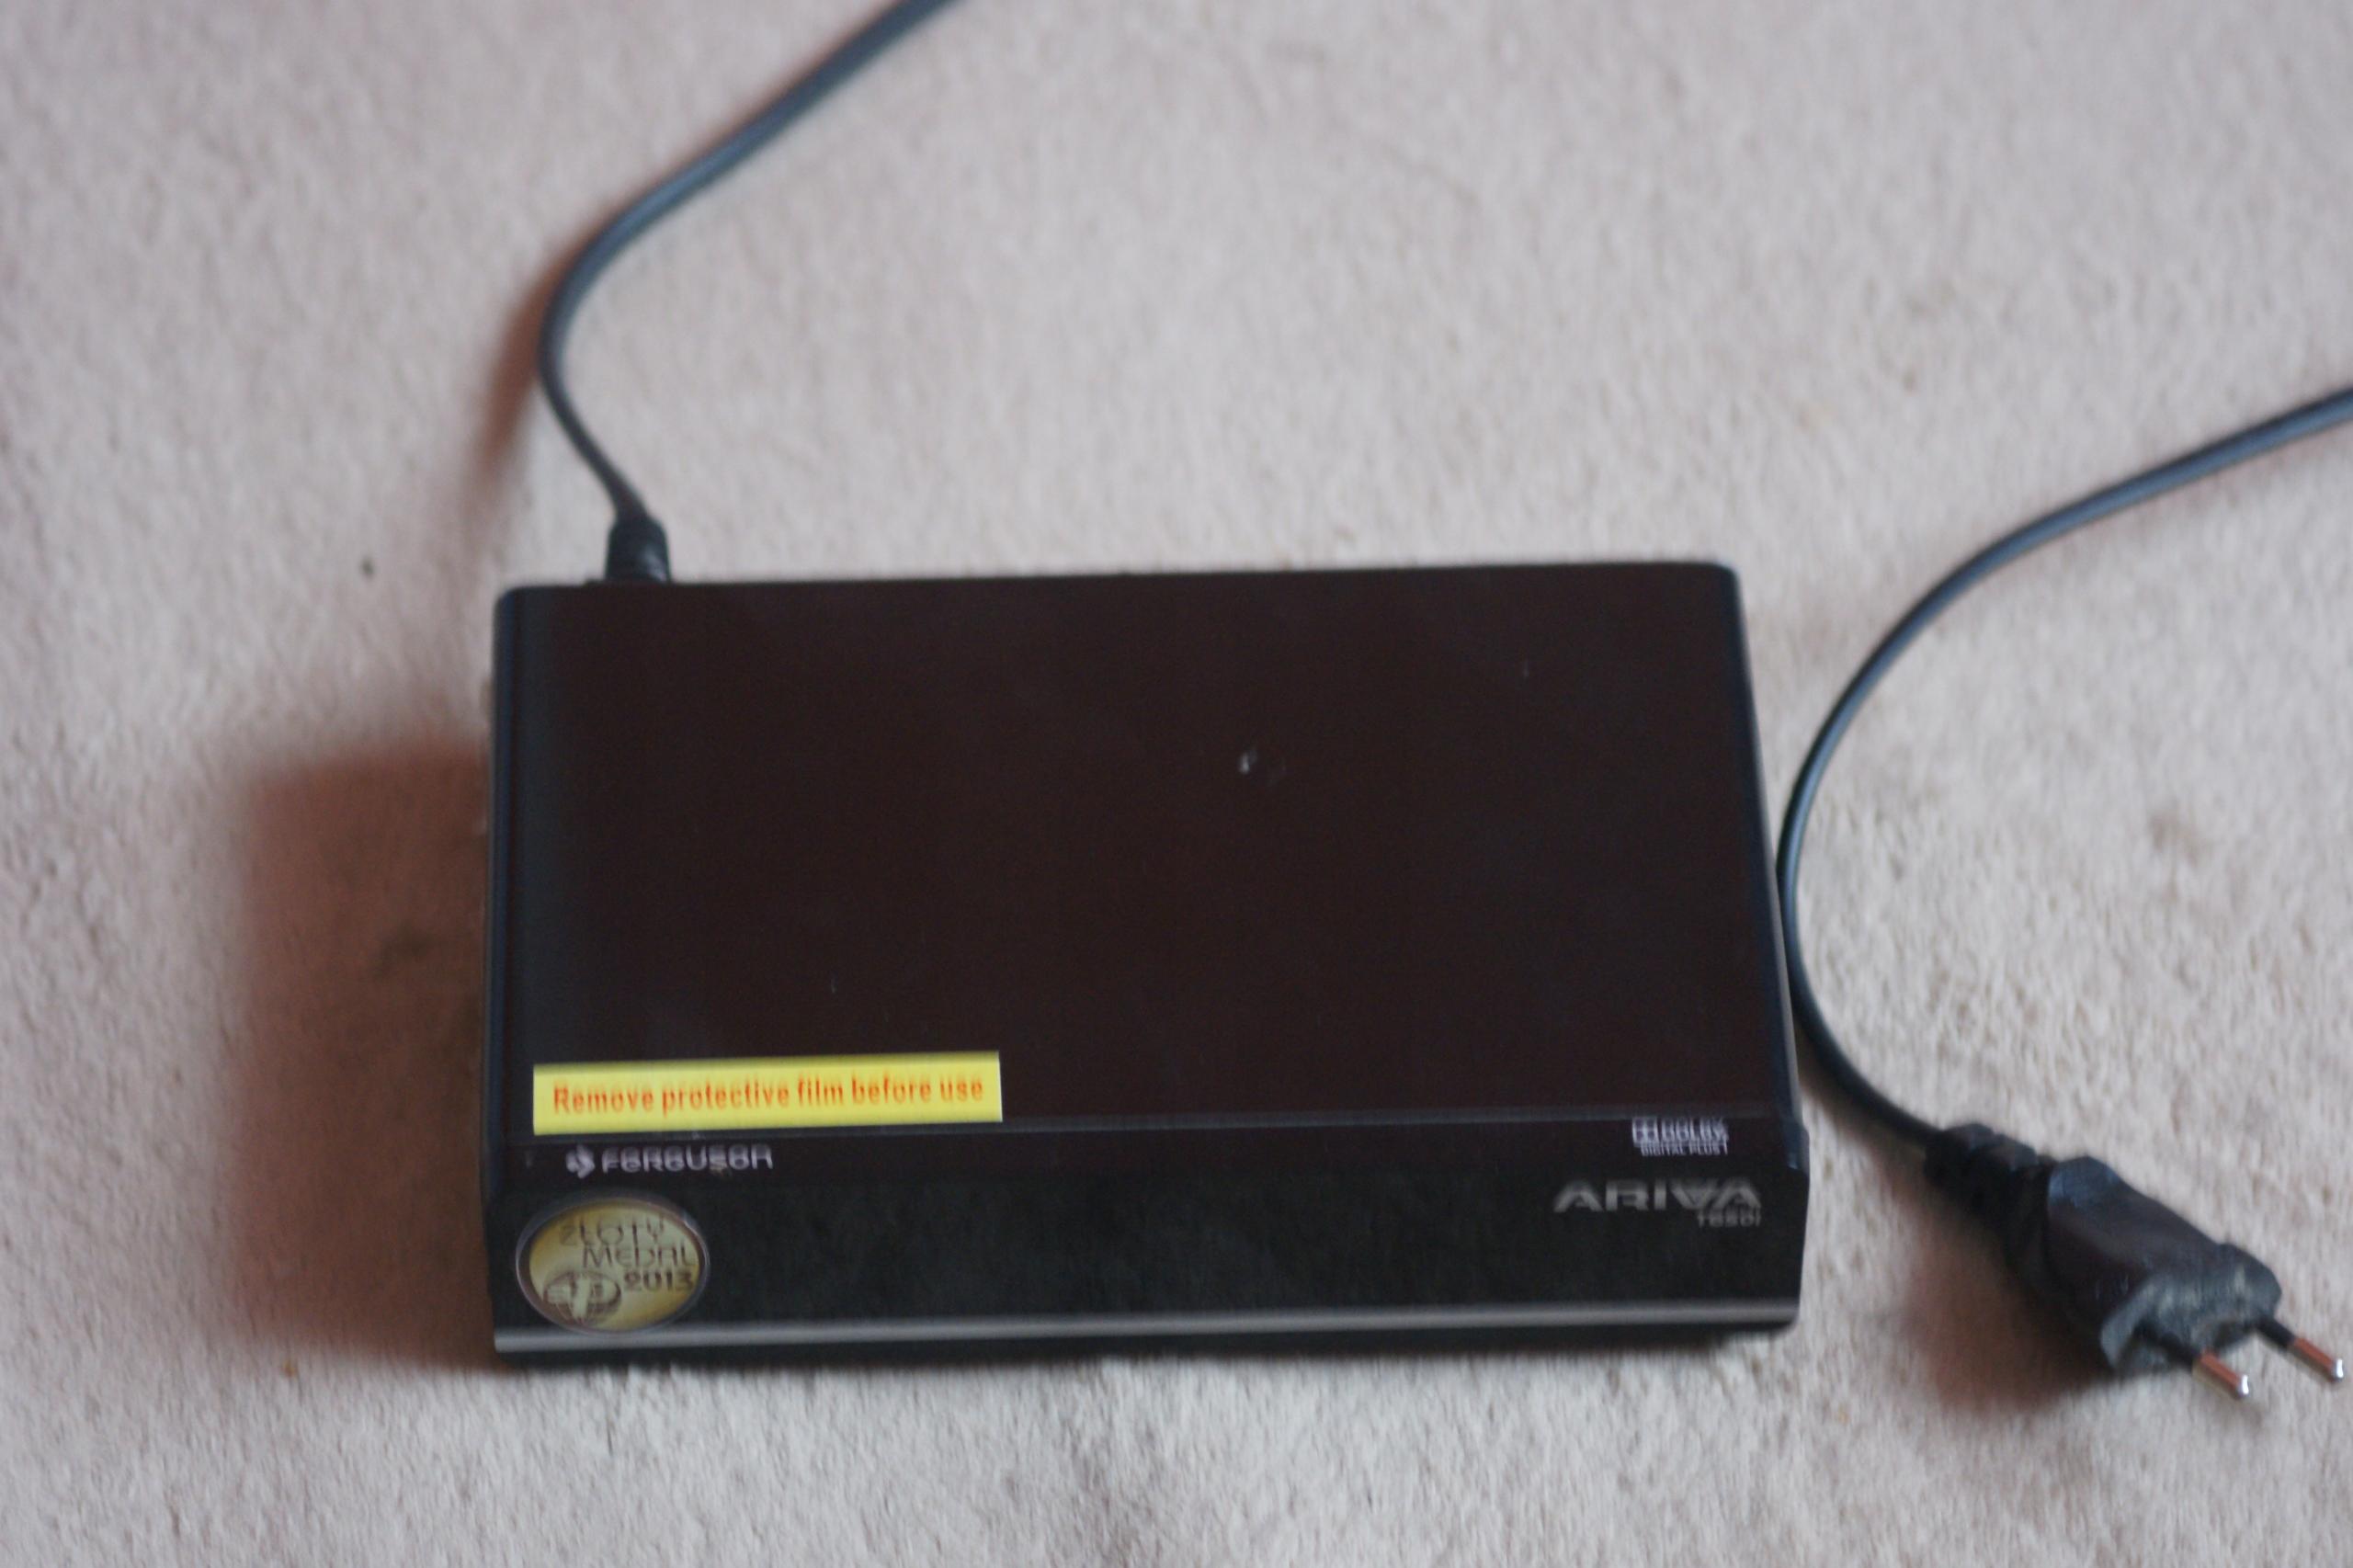 Tuner DVB-T Ferguson Ariva T650i